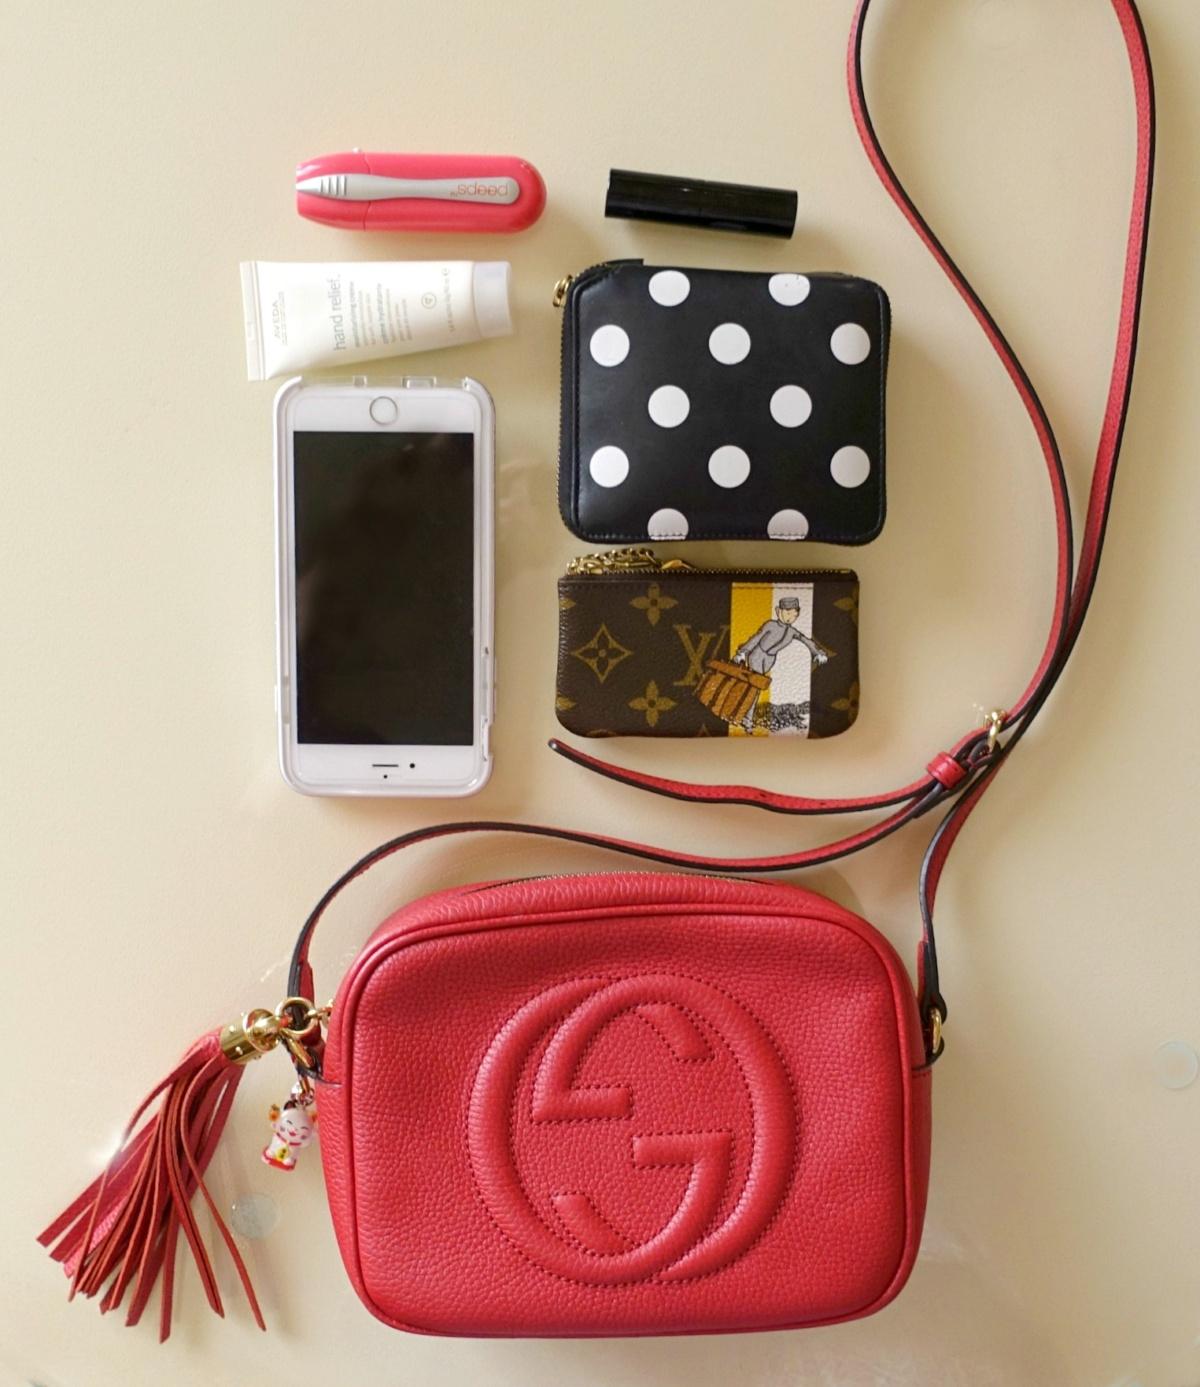 Gucci Soho disco bag and contents. Details at une femme d un certain age ... f0df0c0fc036e